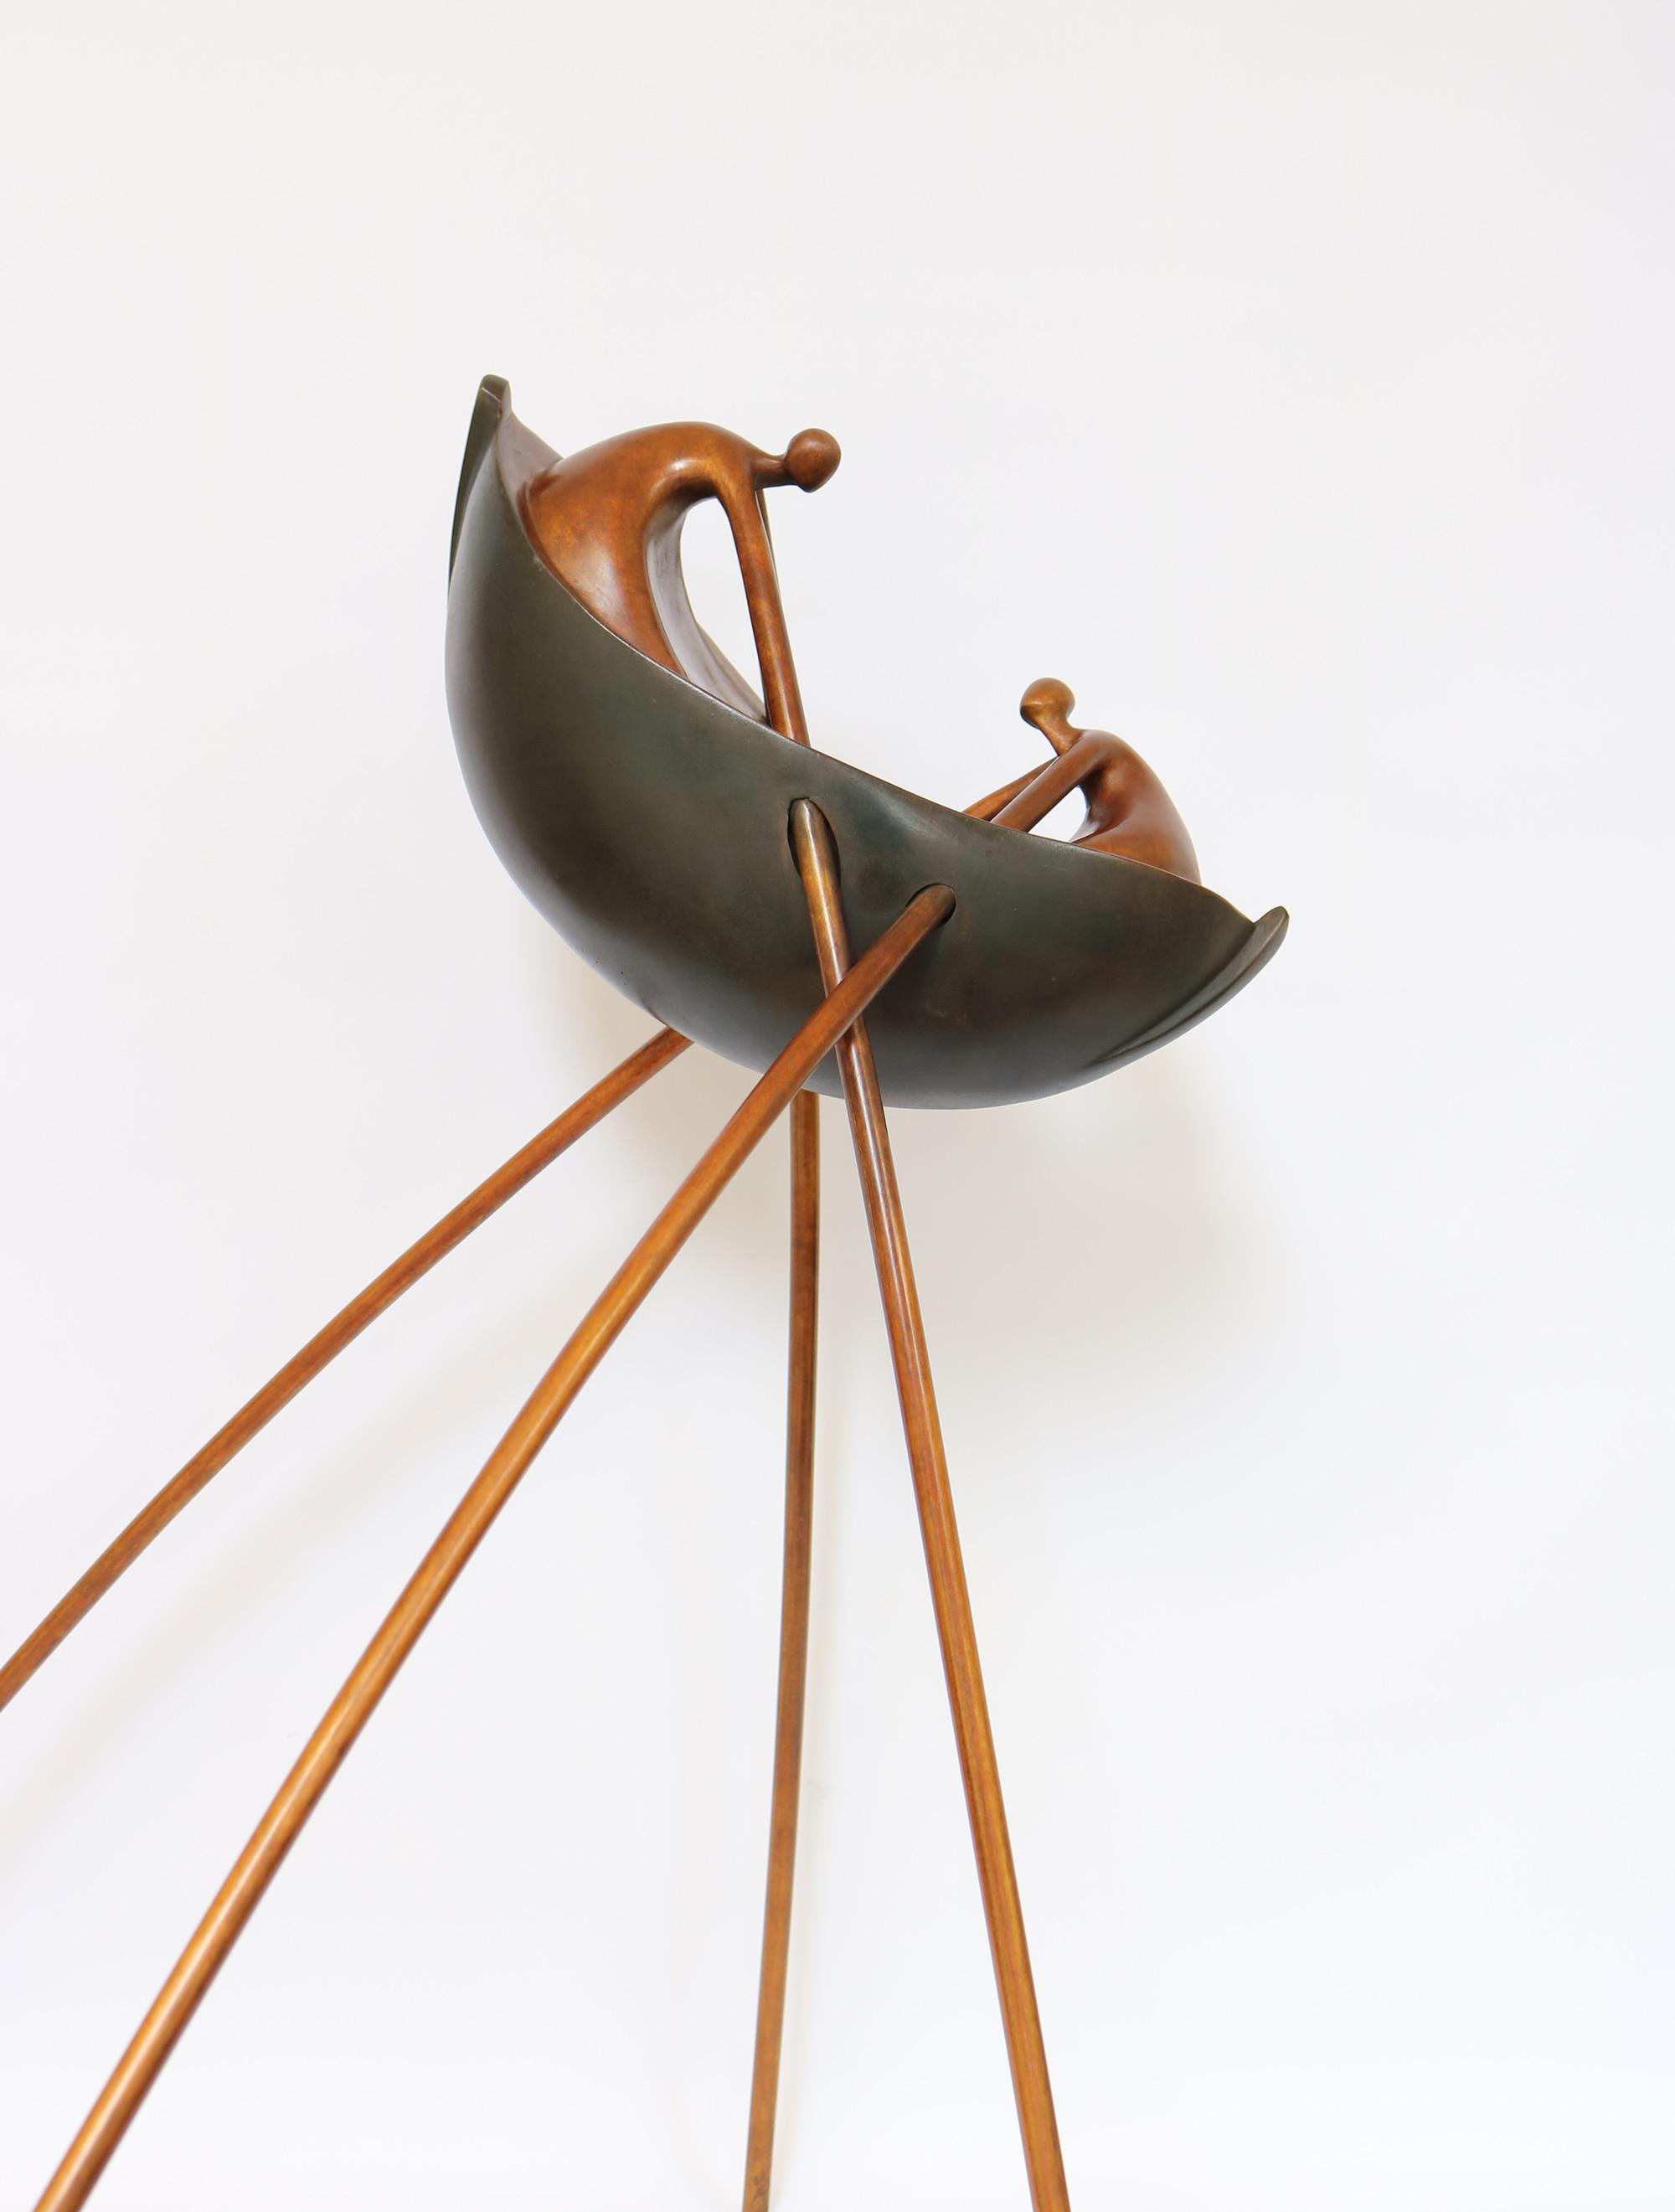 Ana Duncan, Power Struggle, bronze, edition no 1 of 8, 520 x 40 x 40 cm,